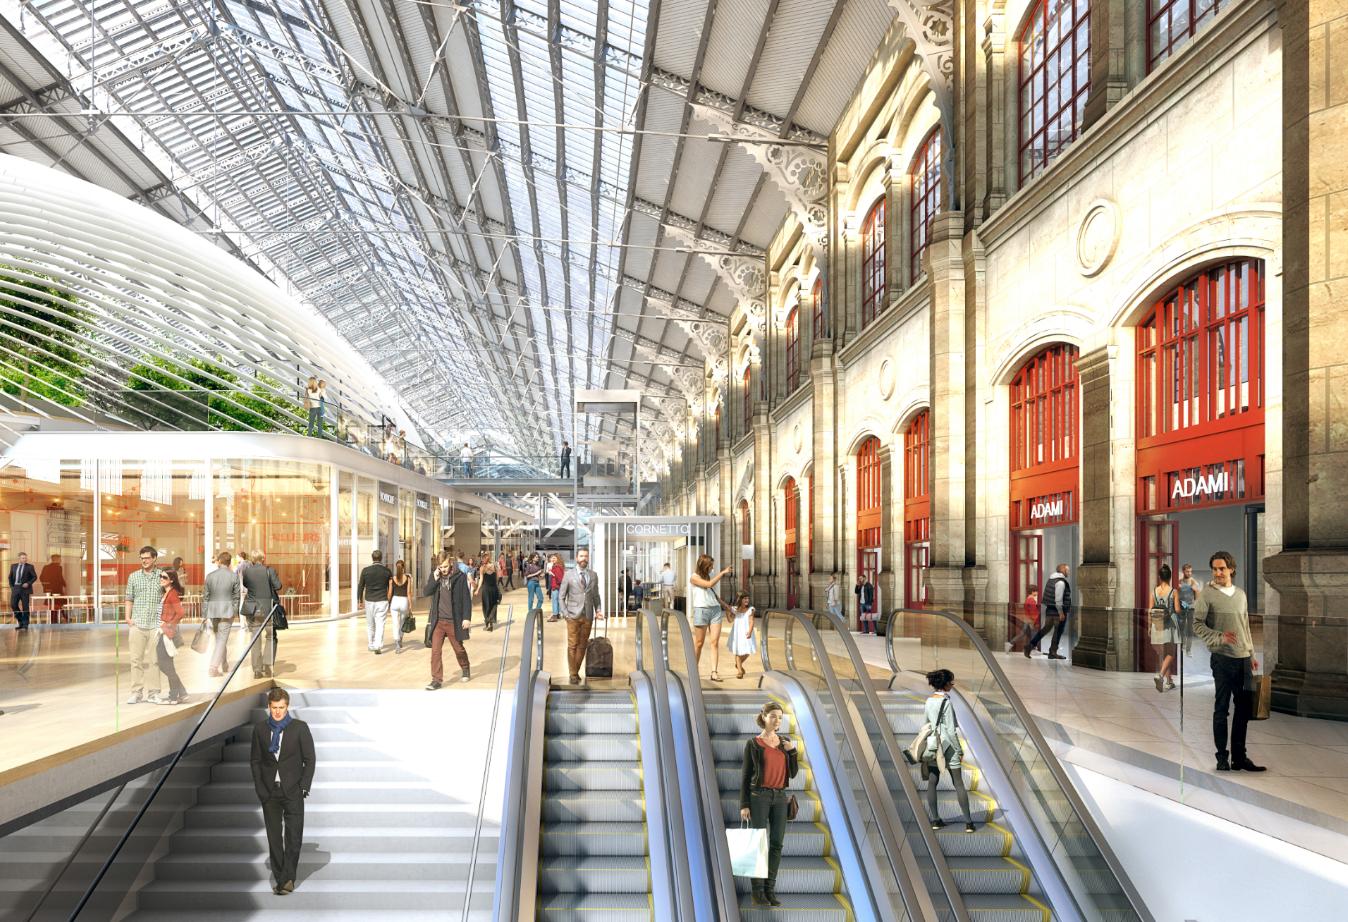 Rénover les gares pour développer le ferroviaire